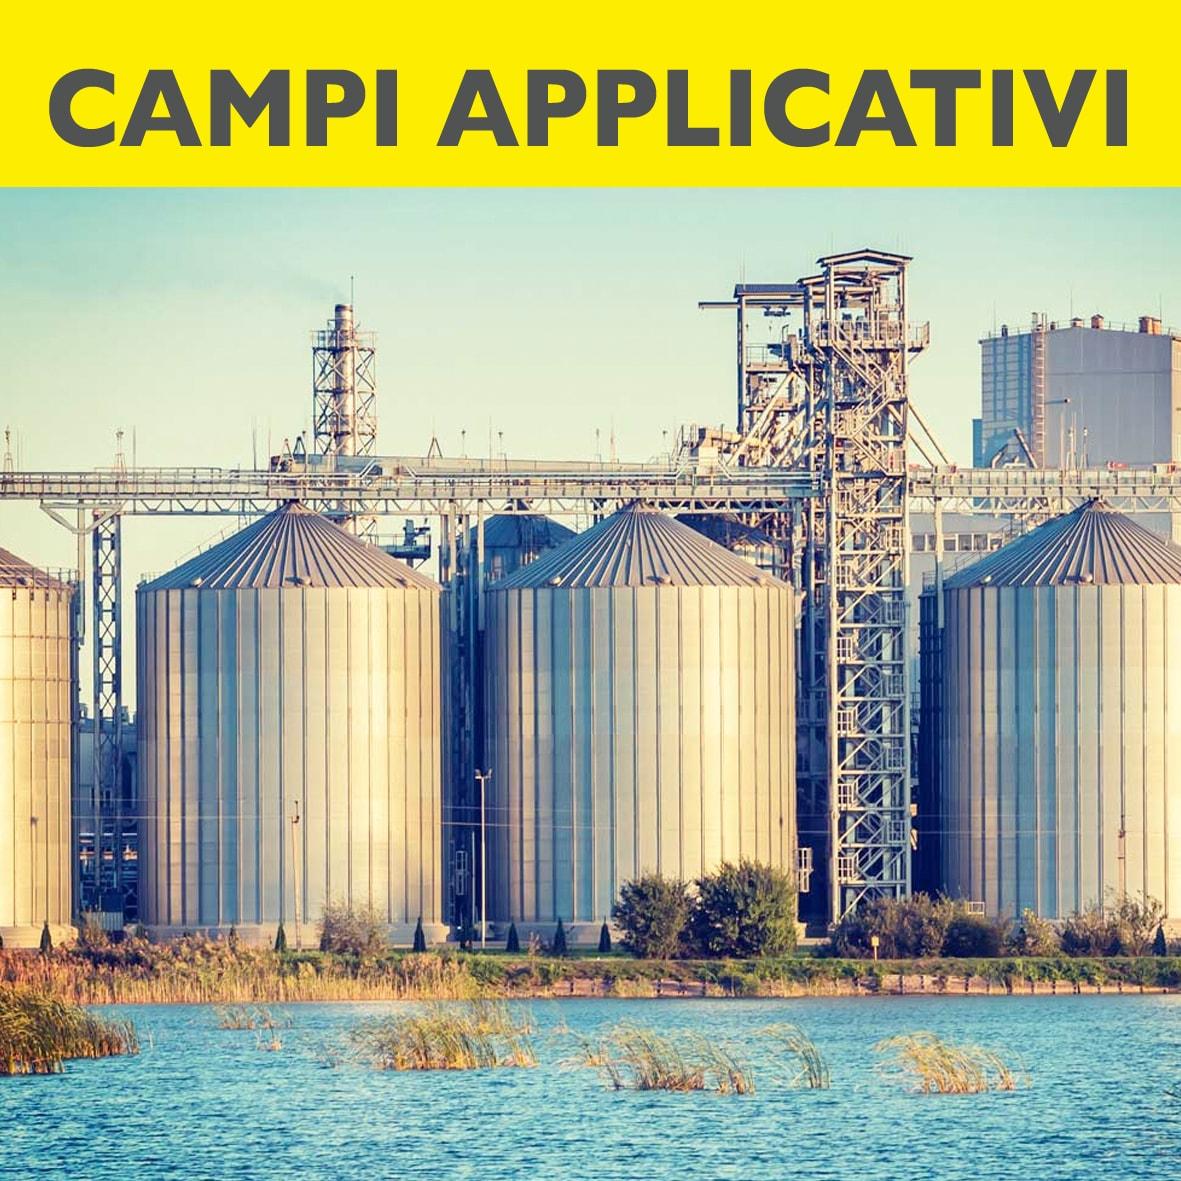 Campi applicativi Spazi confinati Bergamo